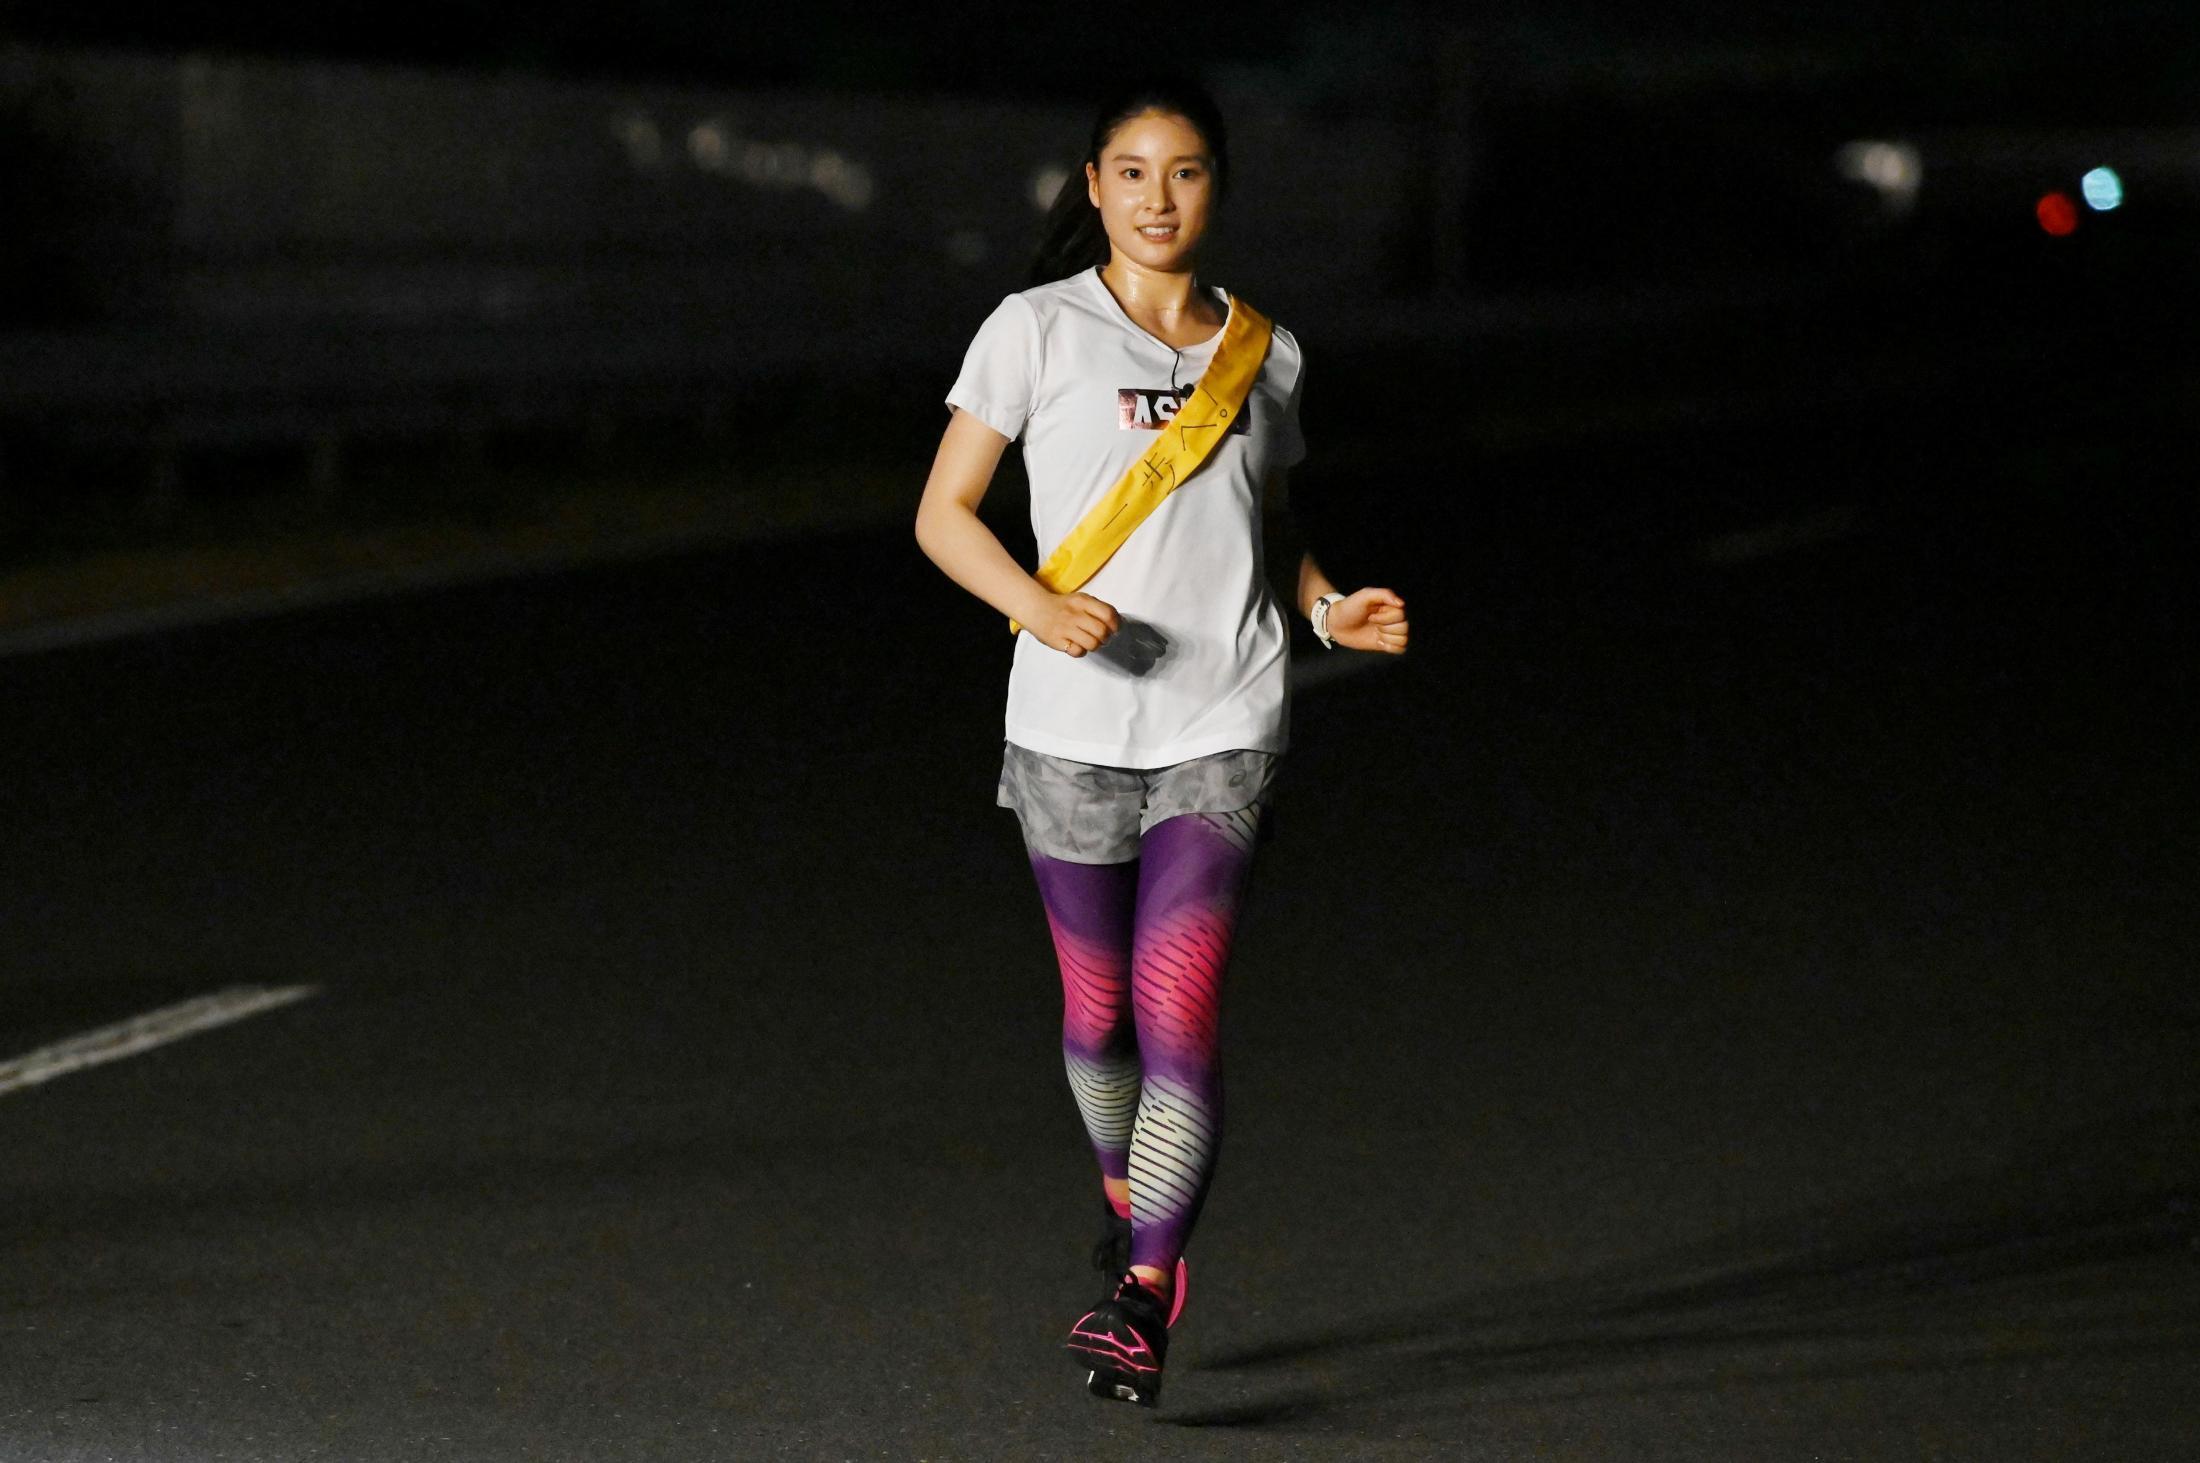 土屋太鳳 募金ラン、走ることに反対の意見にも理解「心配しないでね」(デイリースポーツ) - Yahoo!ニュース